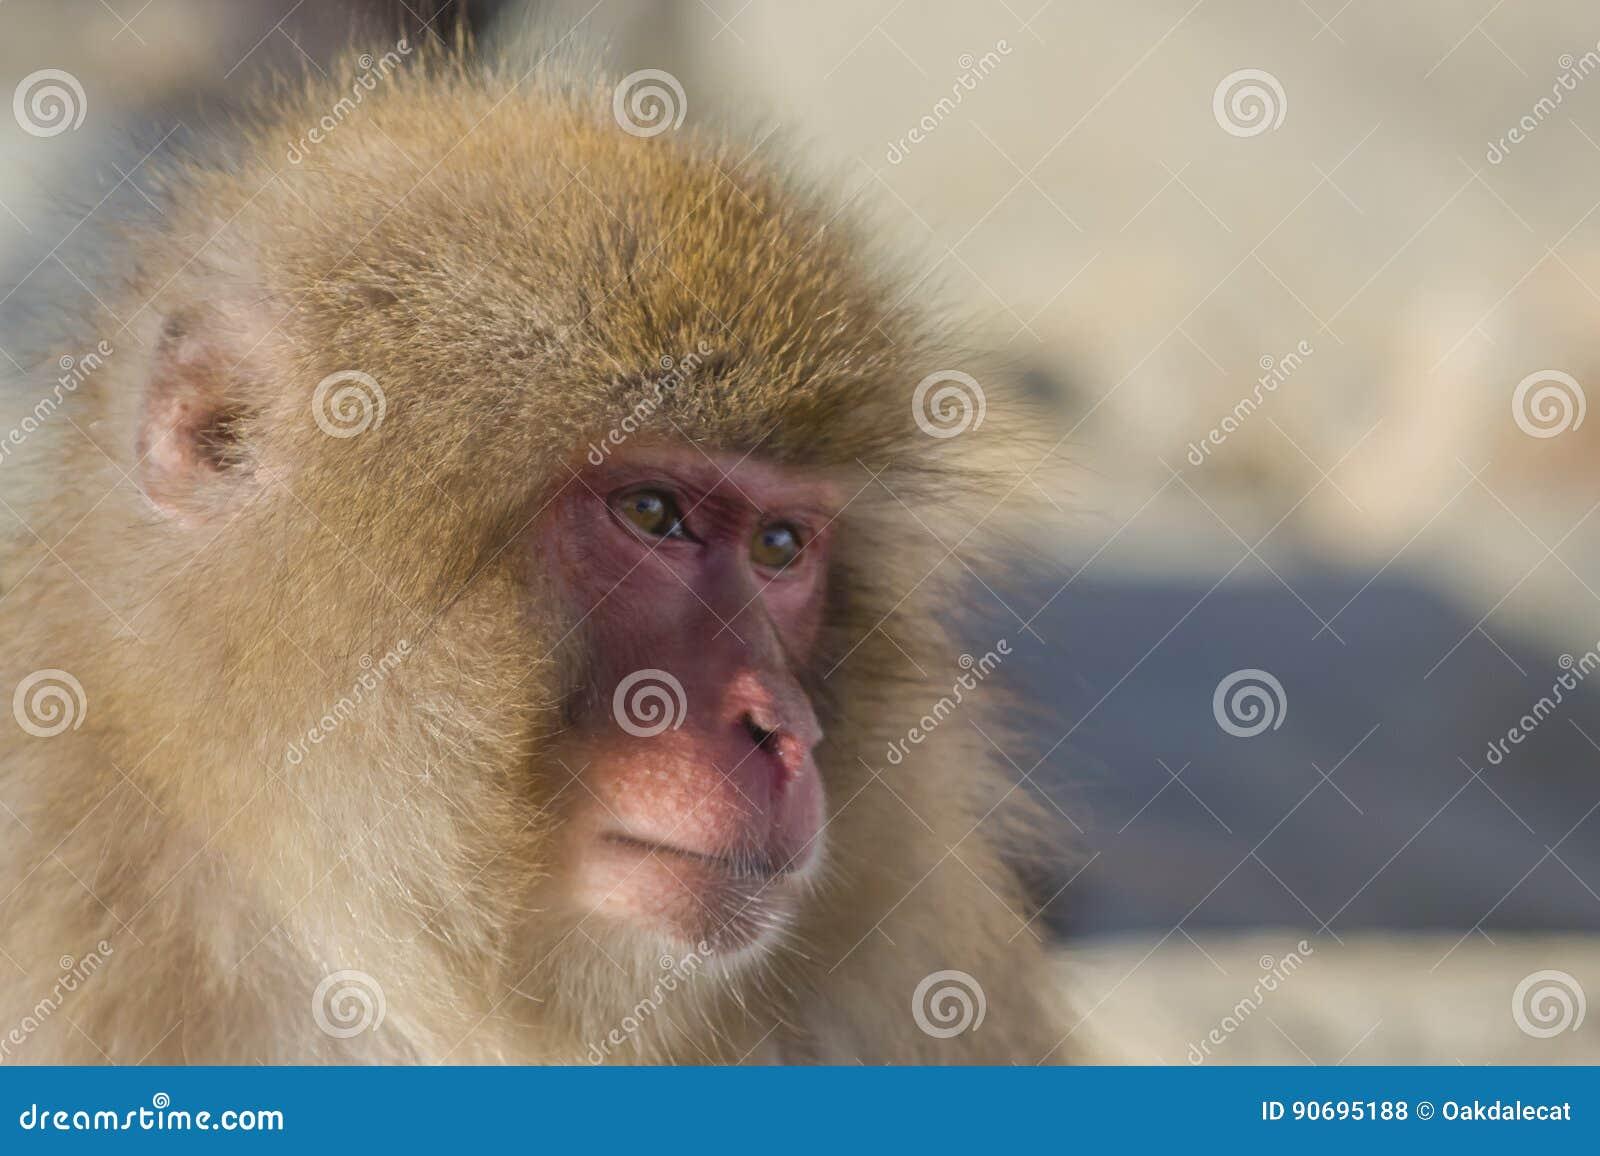 Émotions/expressions de singe de neige : Souci